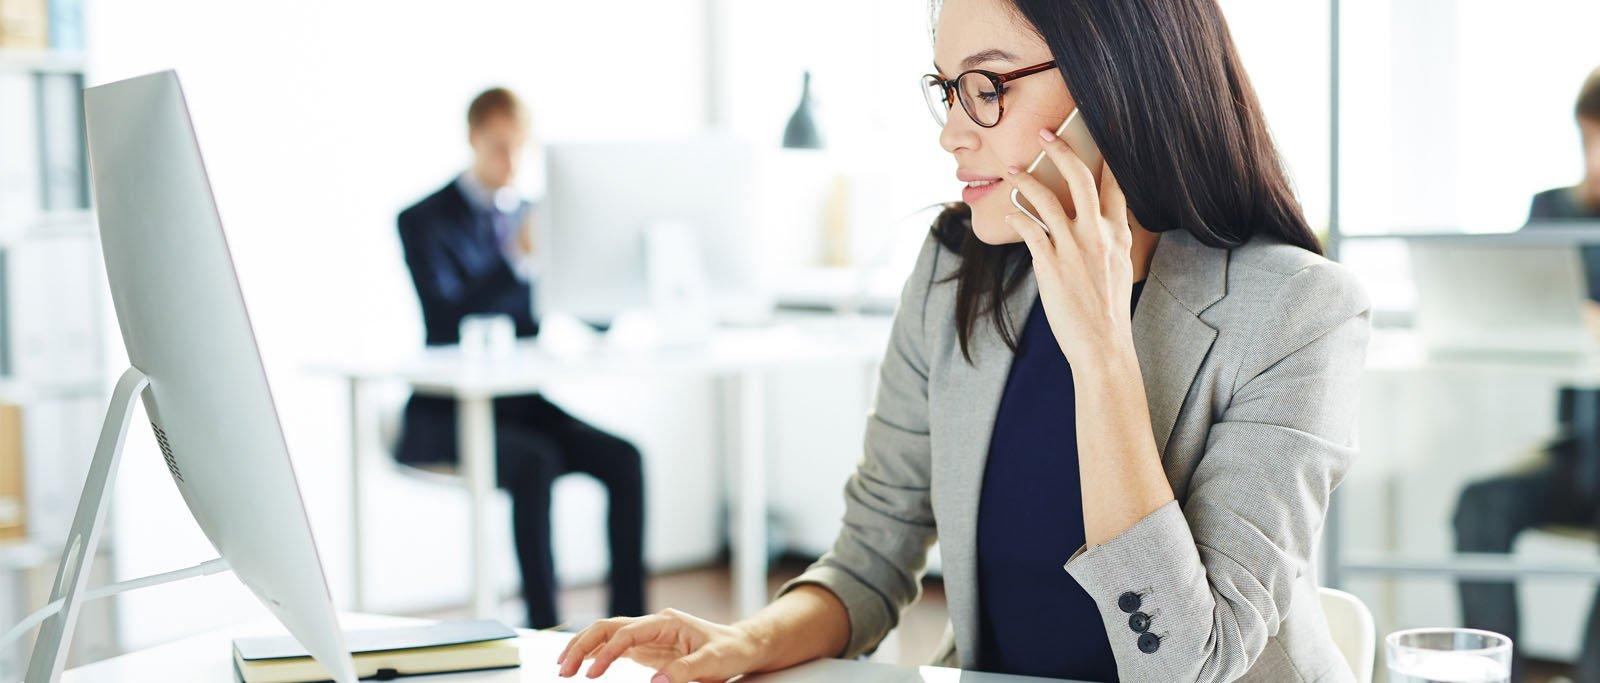 Sua empresa usa inteligência de vendas? Saiba como fechar mais negócios!